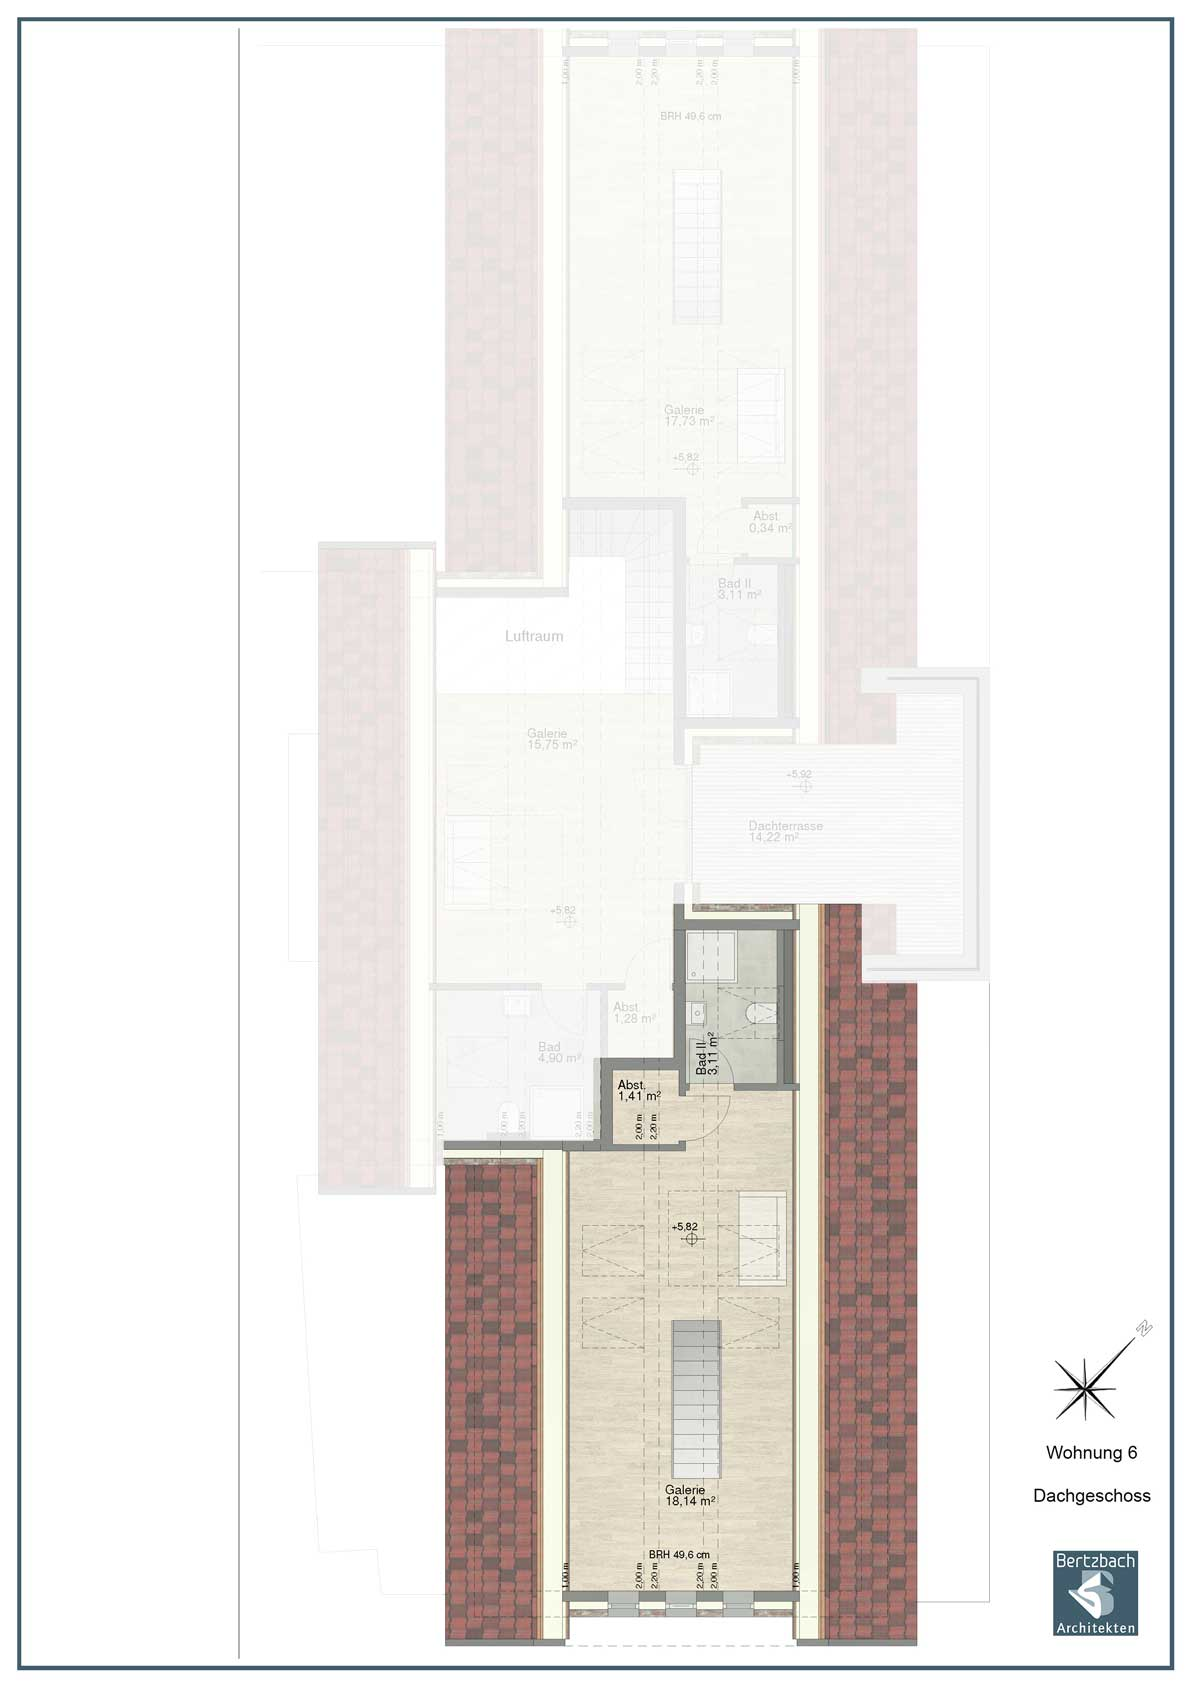 Wohnung 6 Galerie